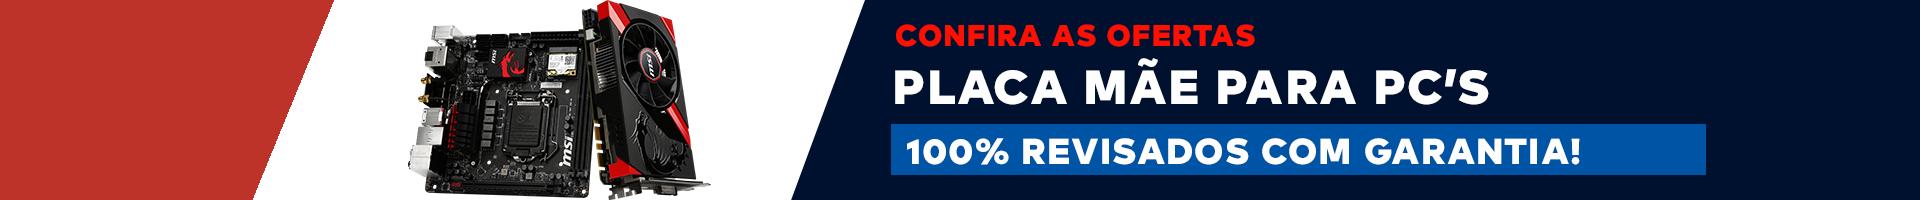 catalogo-placa-pc